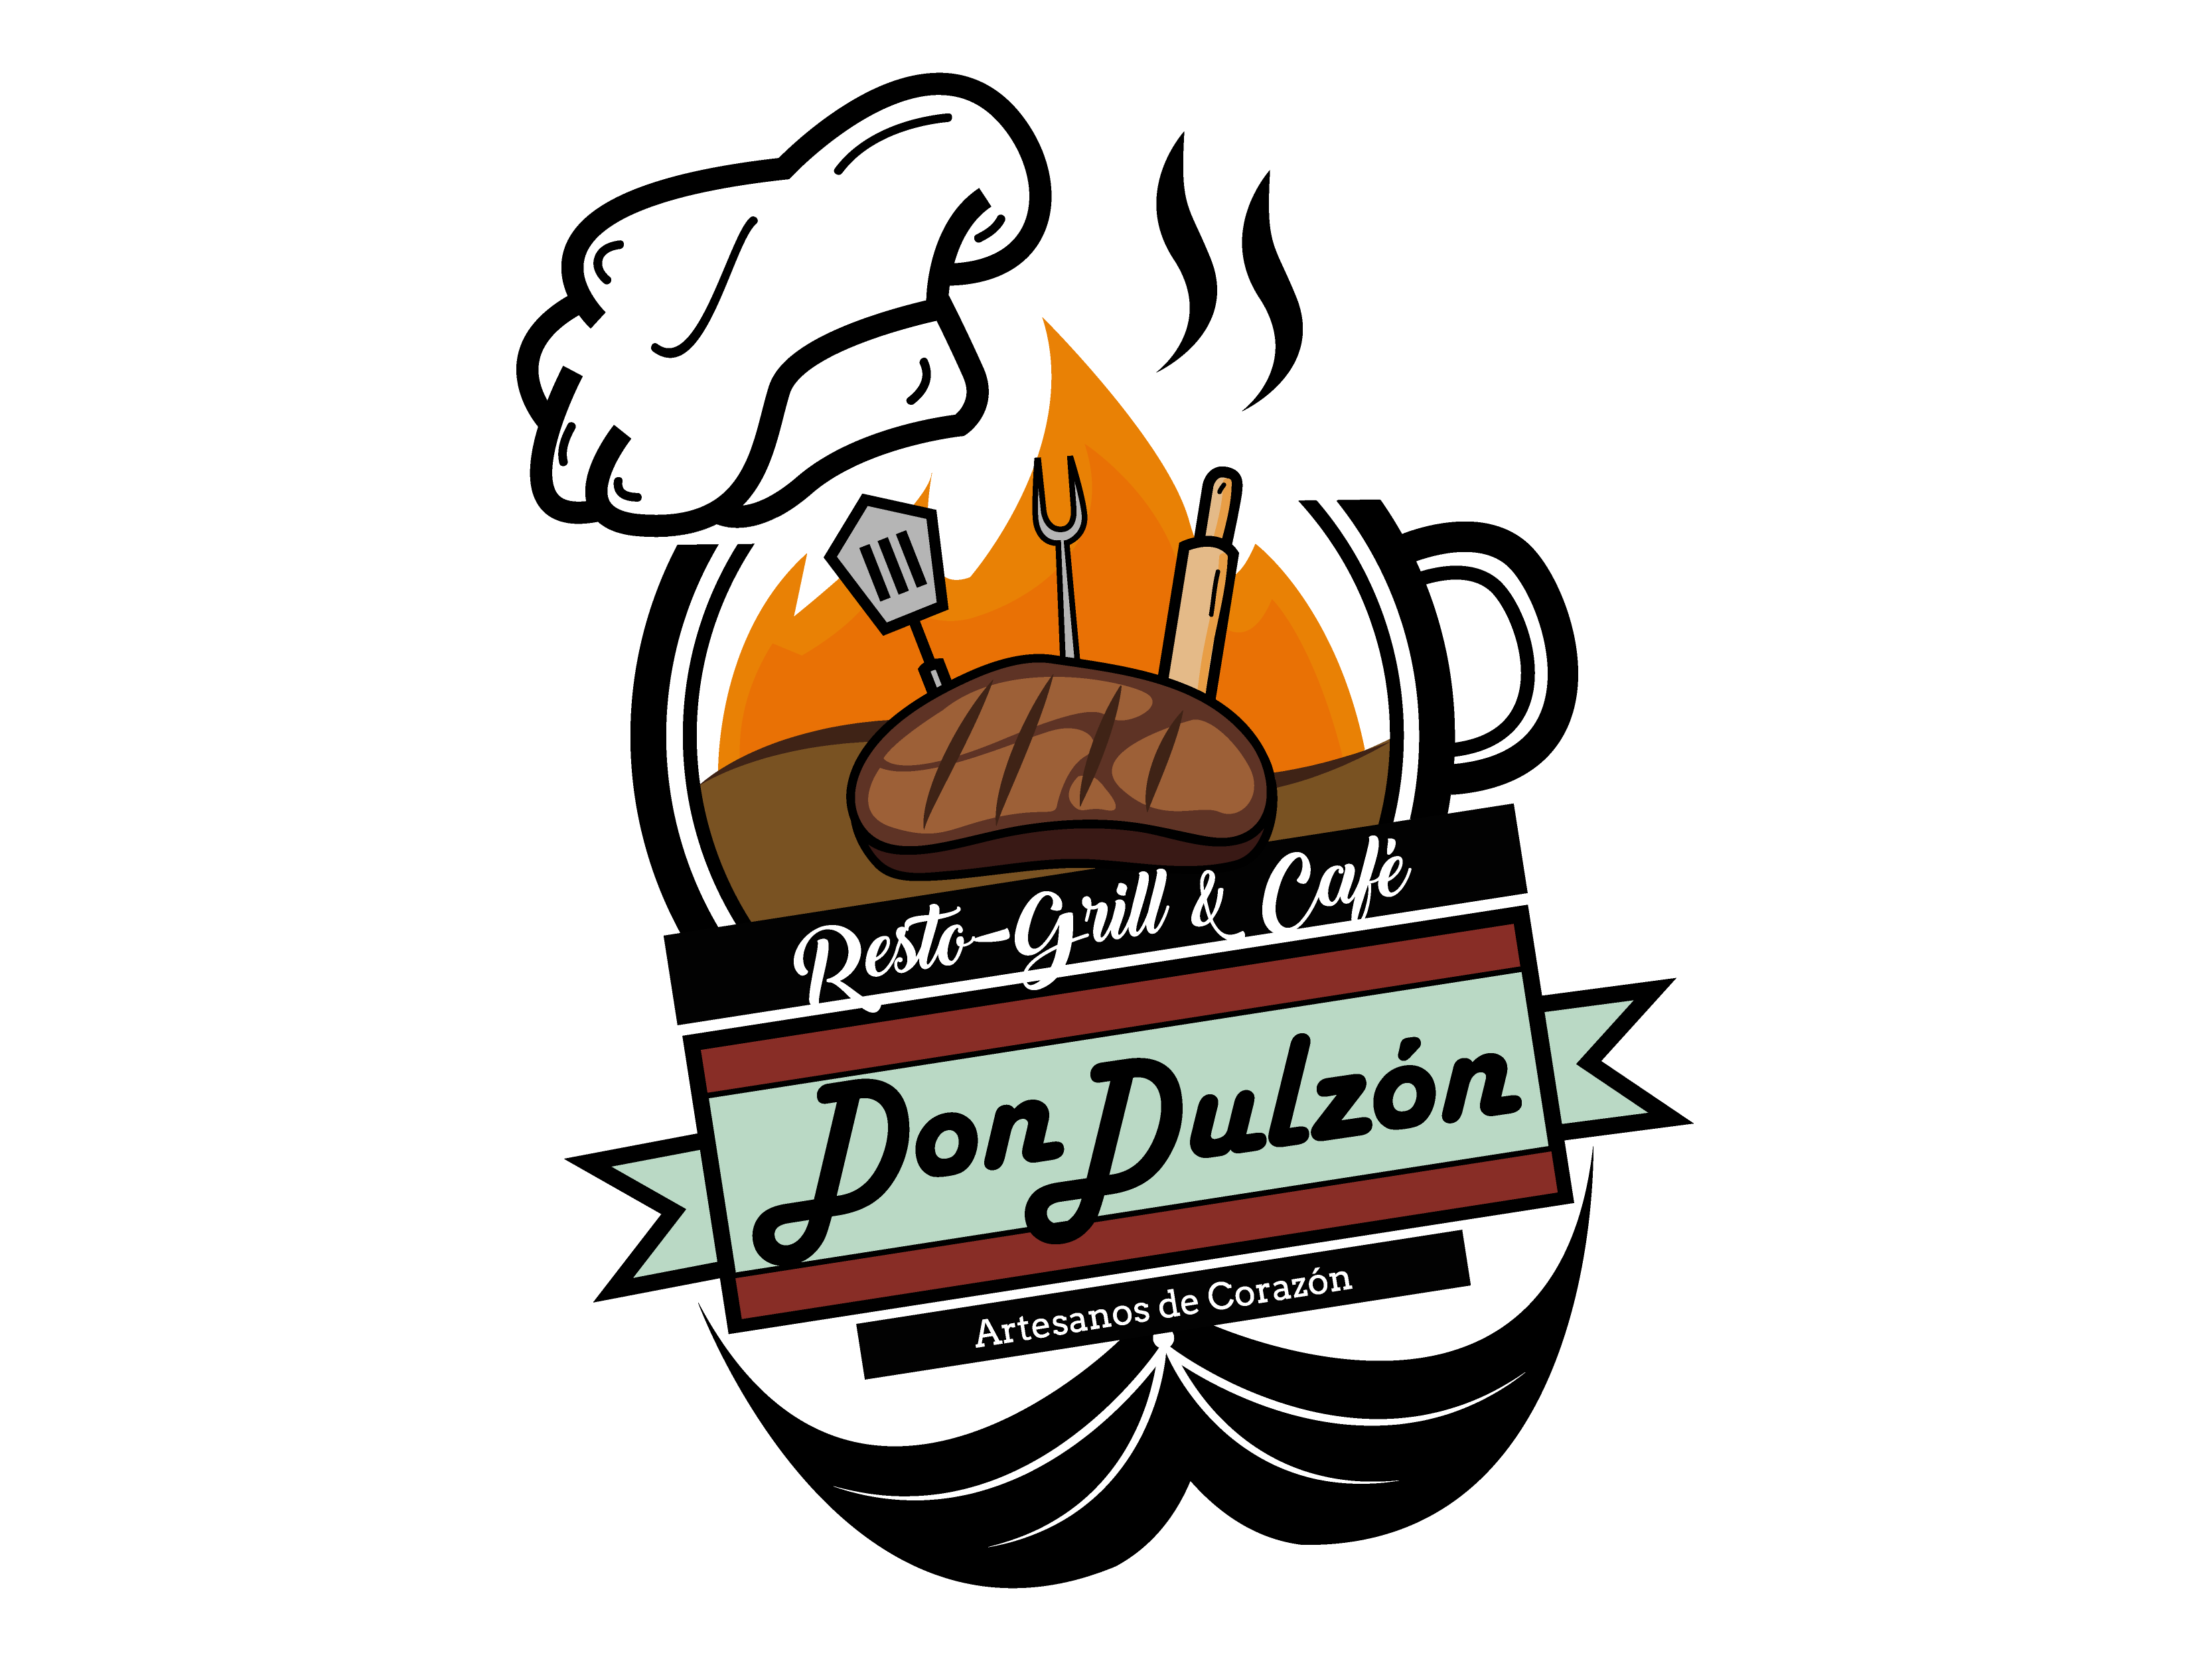 Don Dulzon Resto-Grill & Café logo